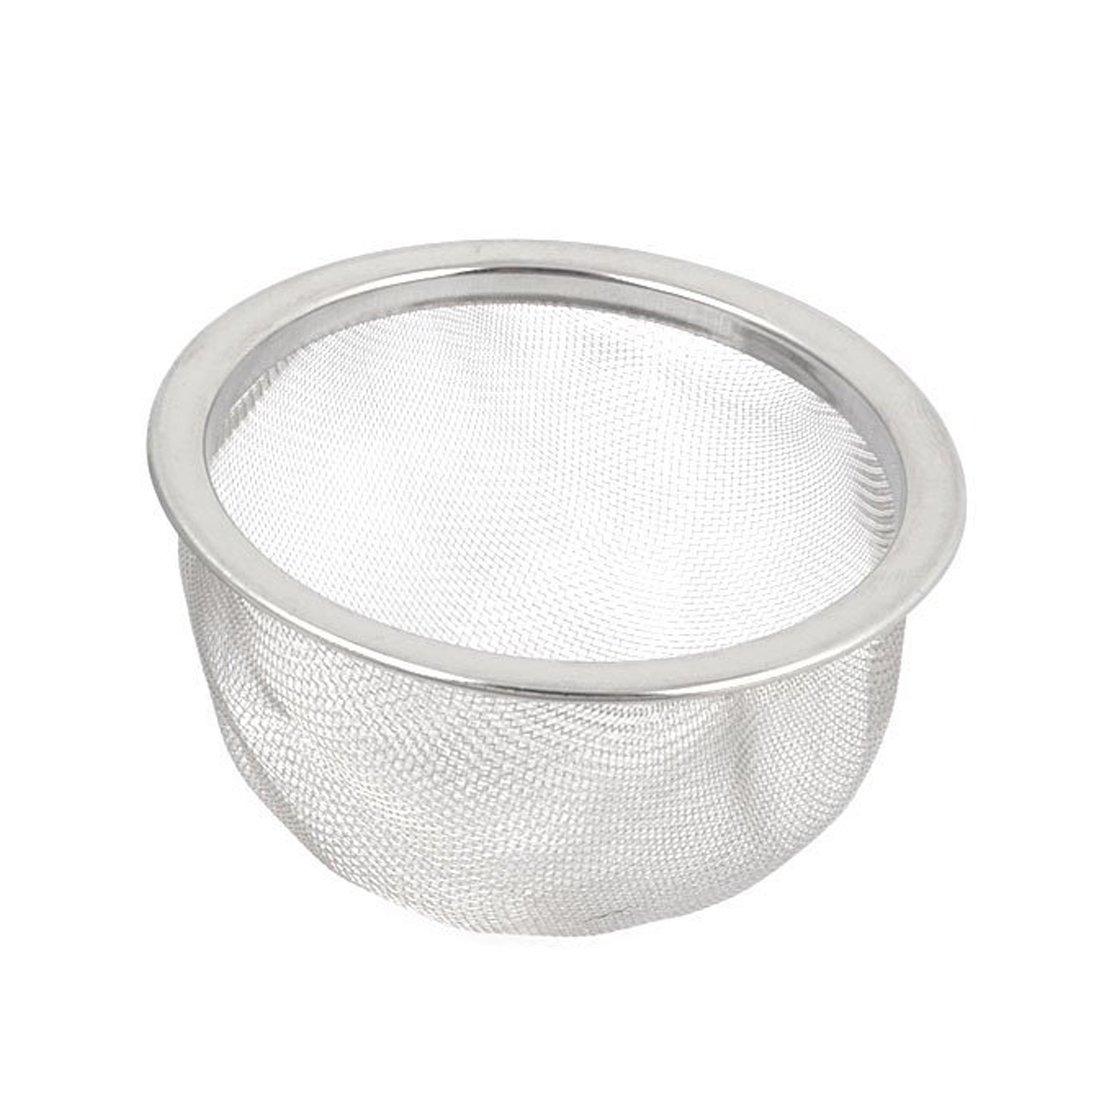 Passoire a the SODIAL 2 pieces Draineur de maille passoire a the en acier inoxydable filtre de theiere argent R